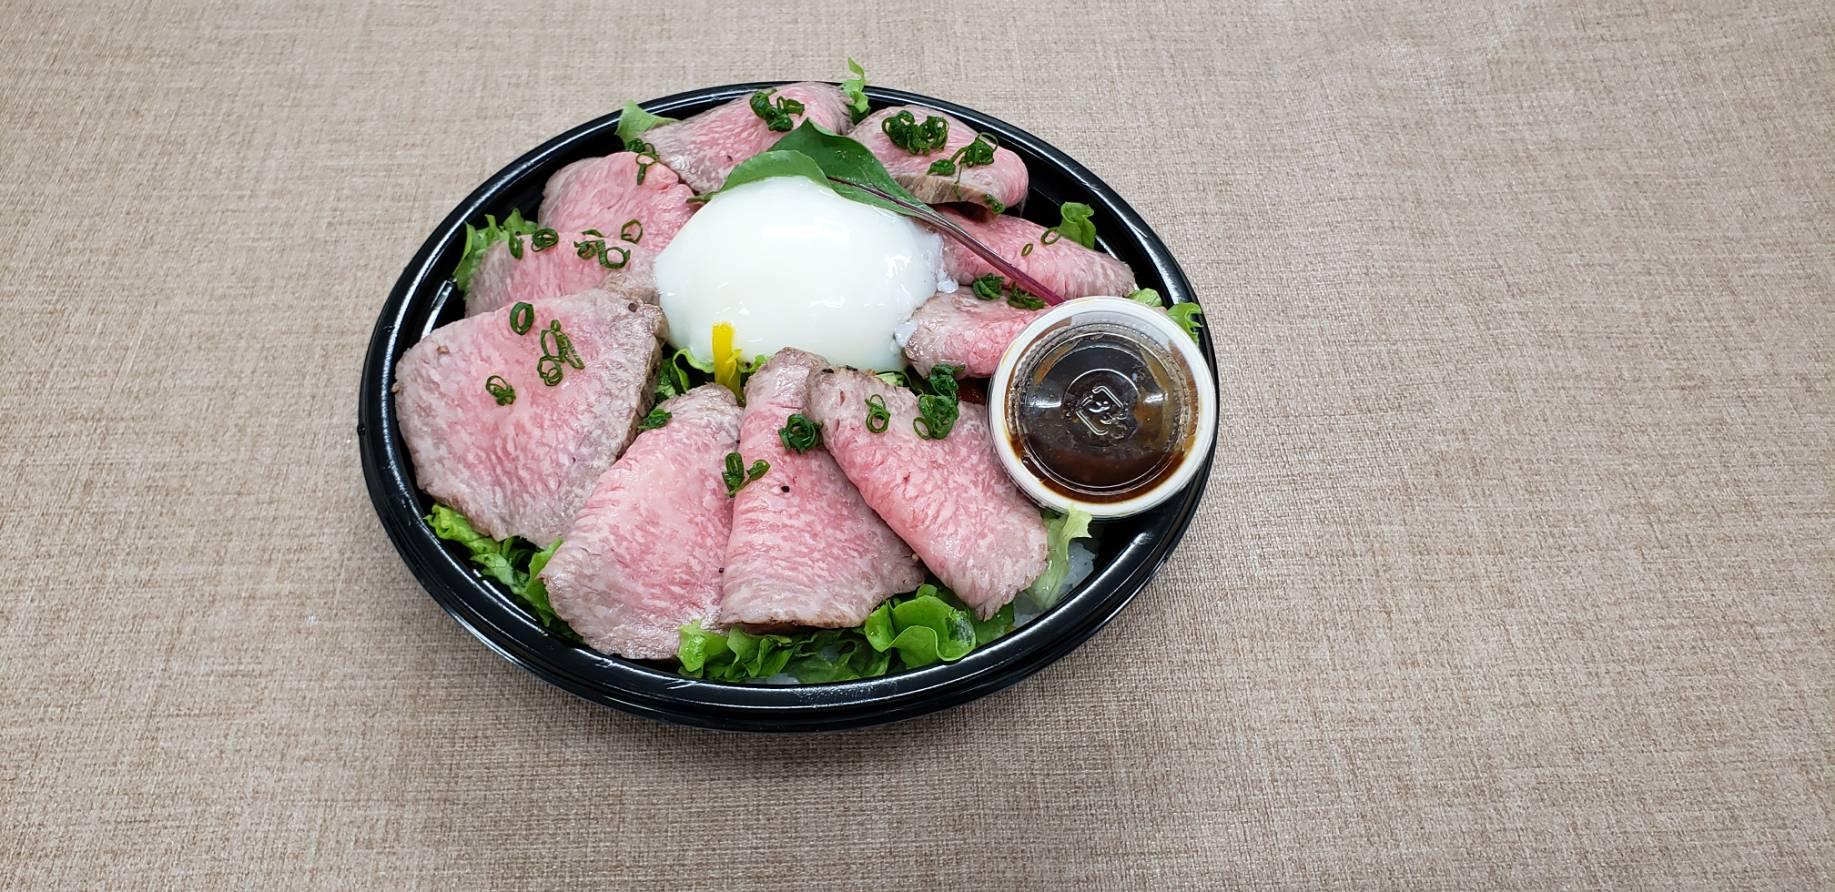 日本牛雪花烤牛肉飯圖片